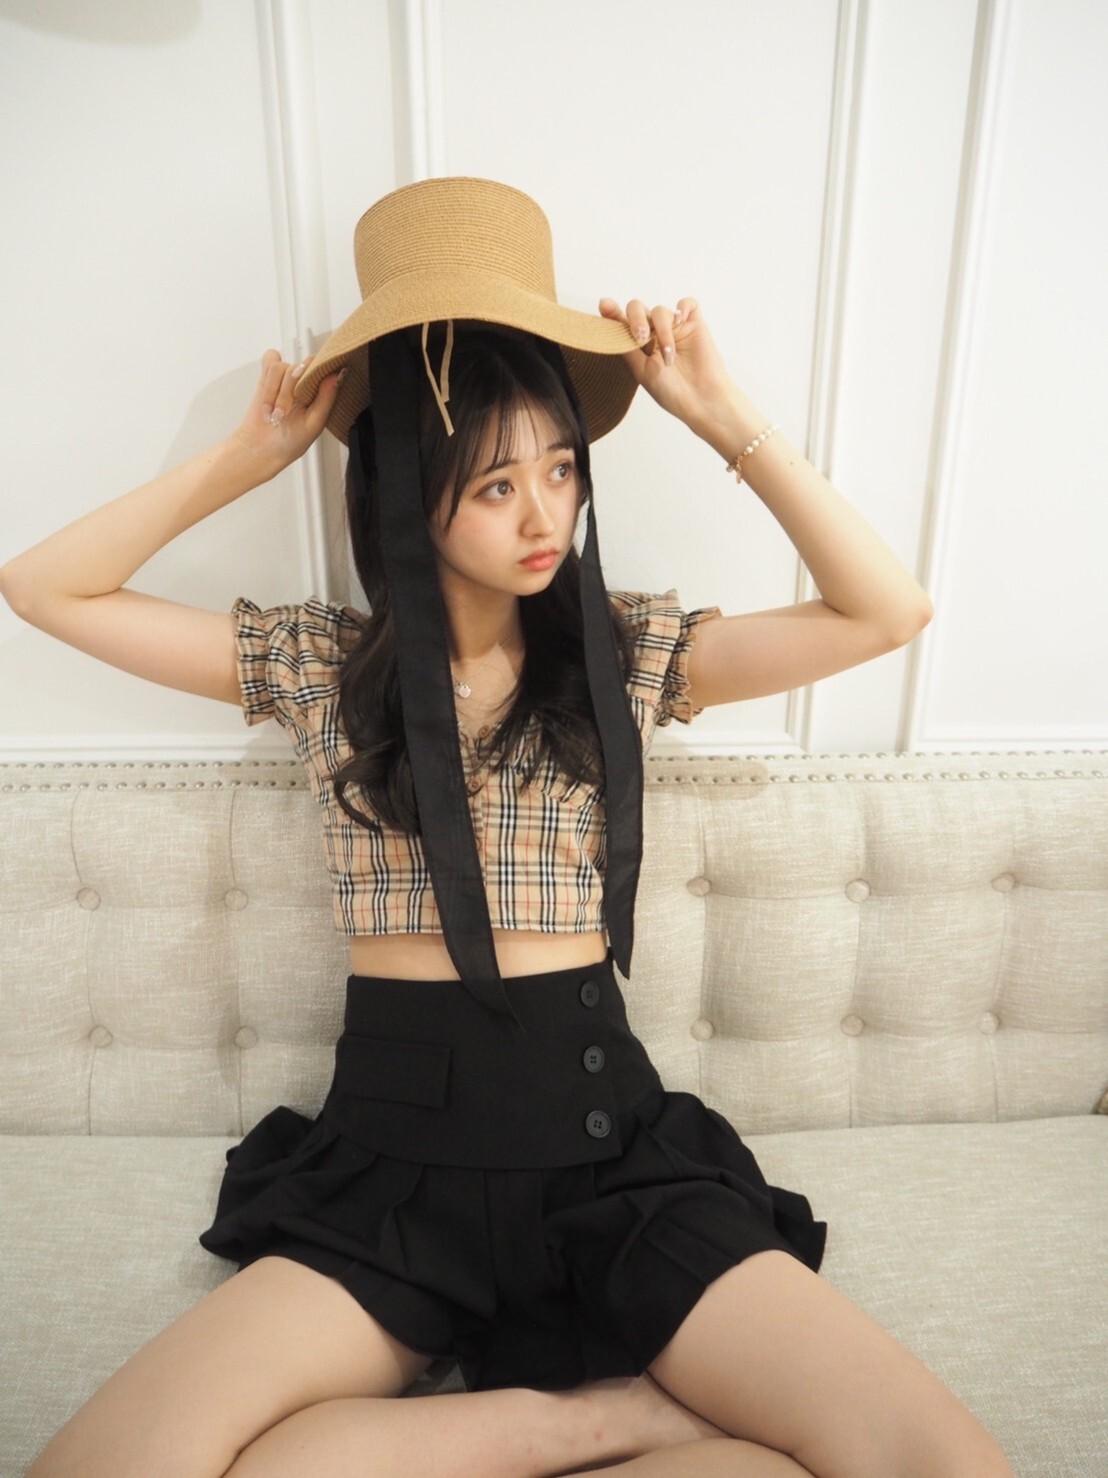 【Renonqle】tartan check blouse